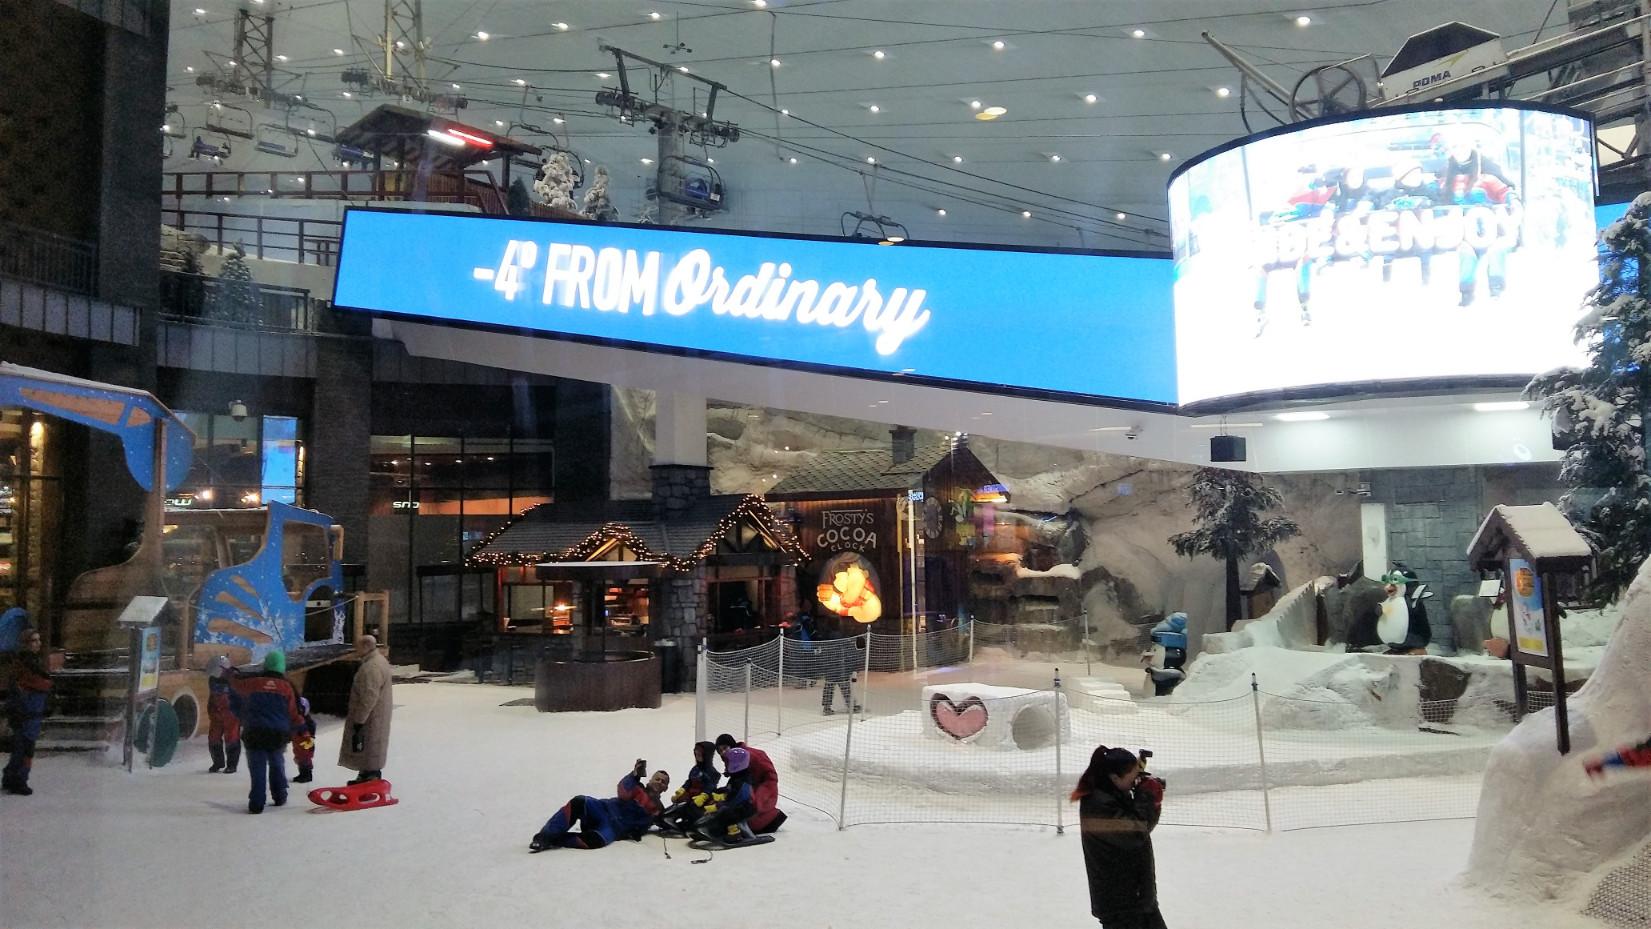 Mesterséges sípálya egy forró országban, a Mall of the Emiratesben